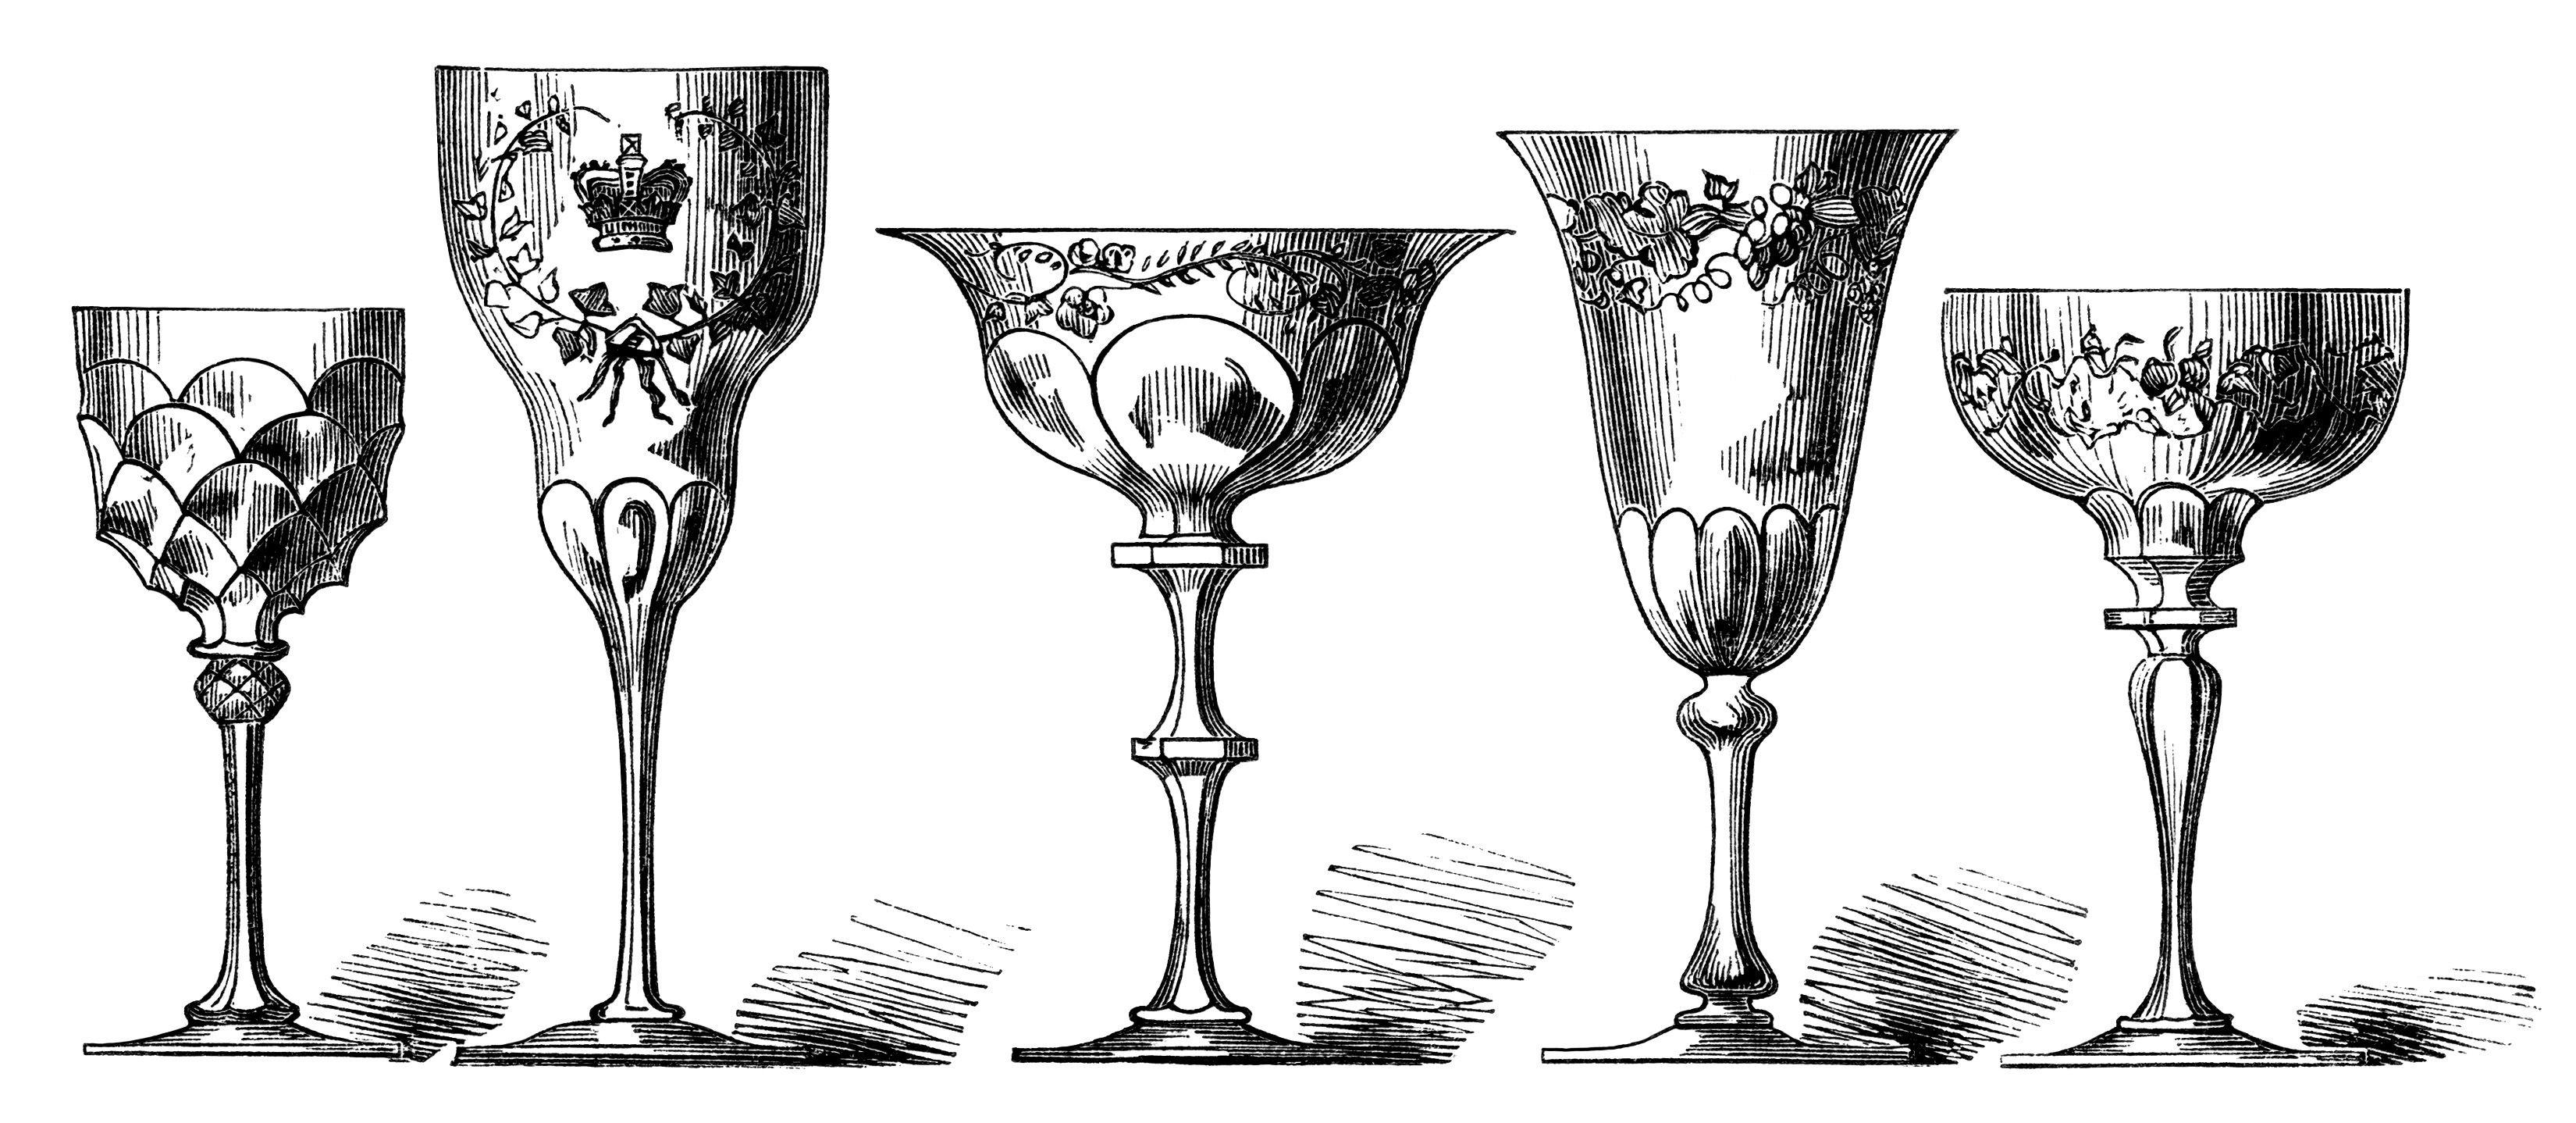 vintage wine glass clip art, antique wine goblet image, old ...